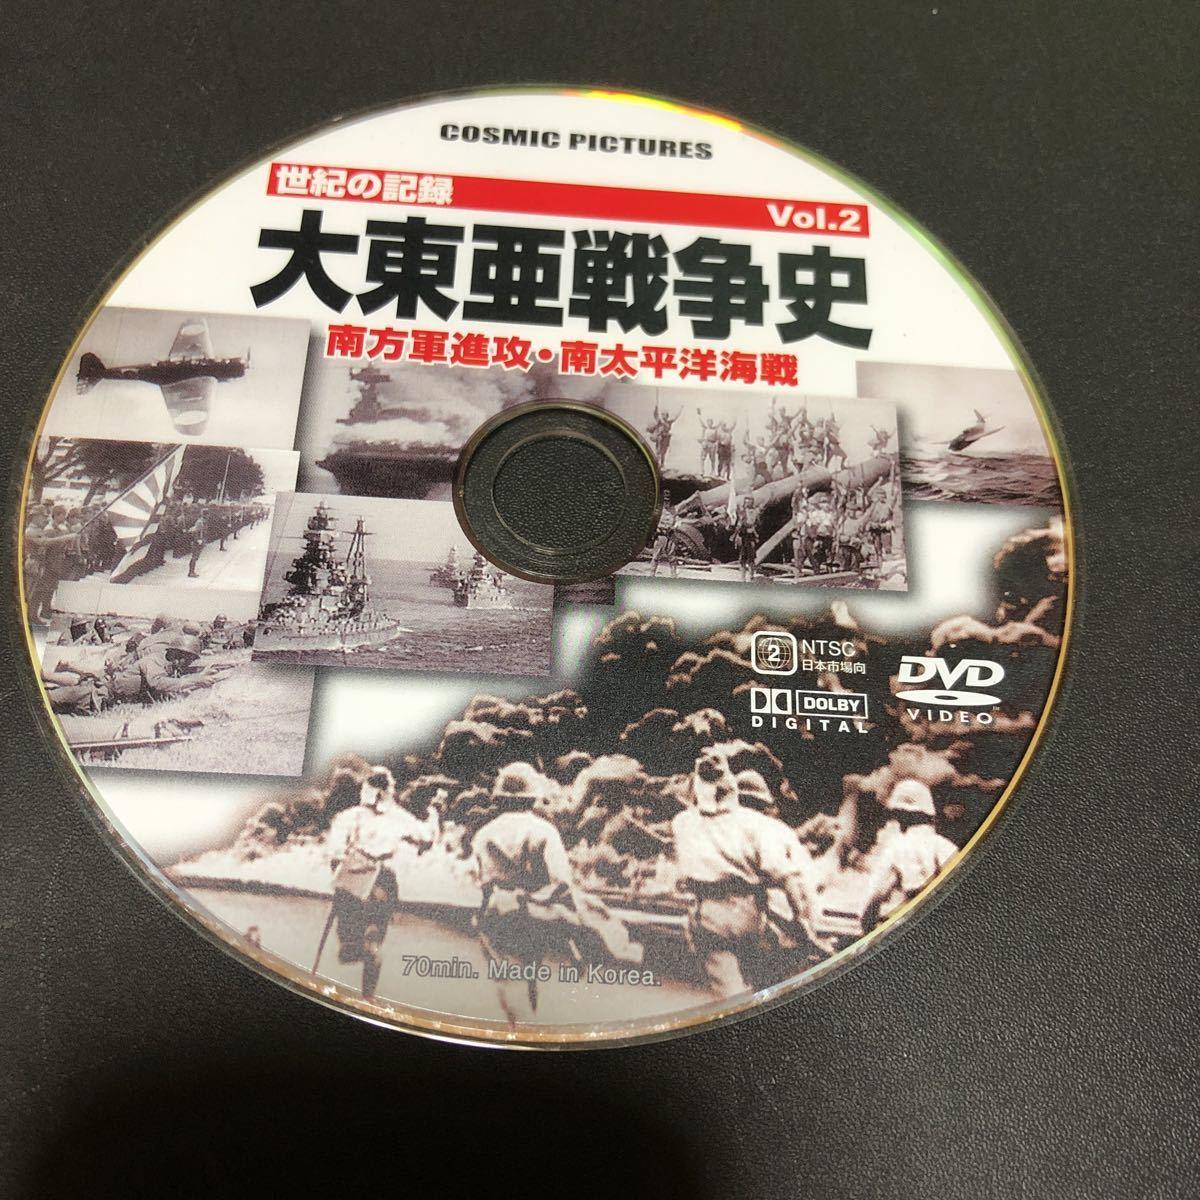 ジャンク品 世界の記録 大東亜戦争史 DVD 5枚組_画像4